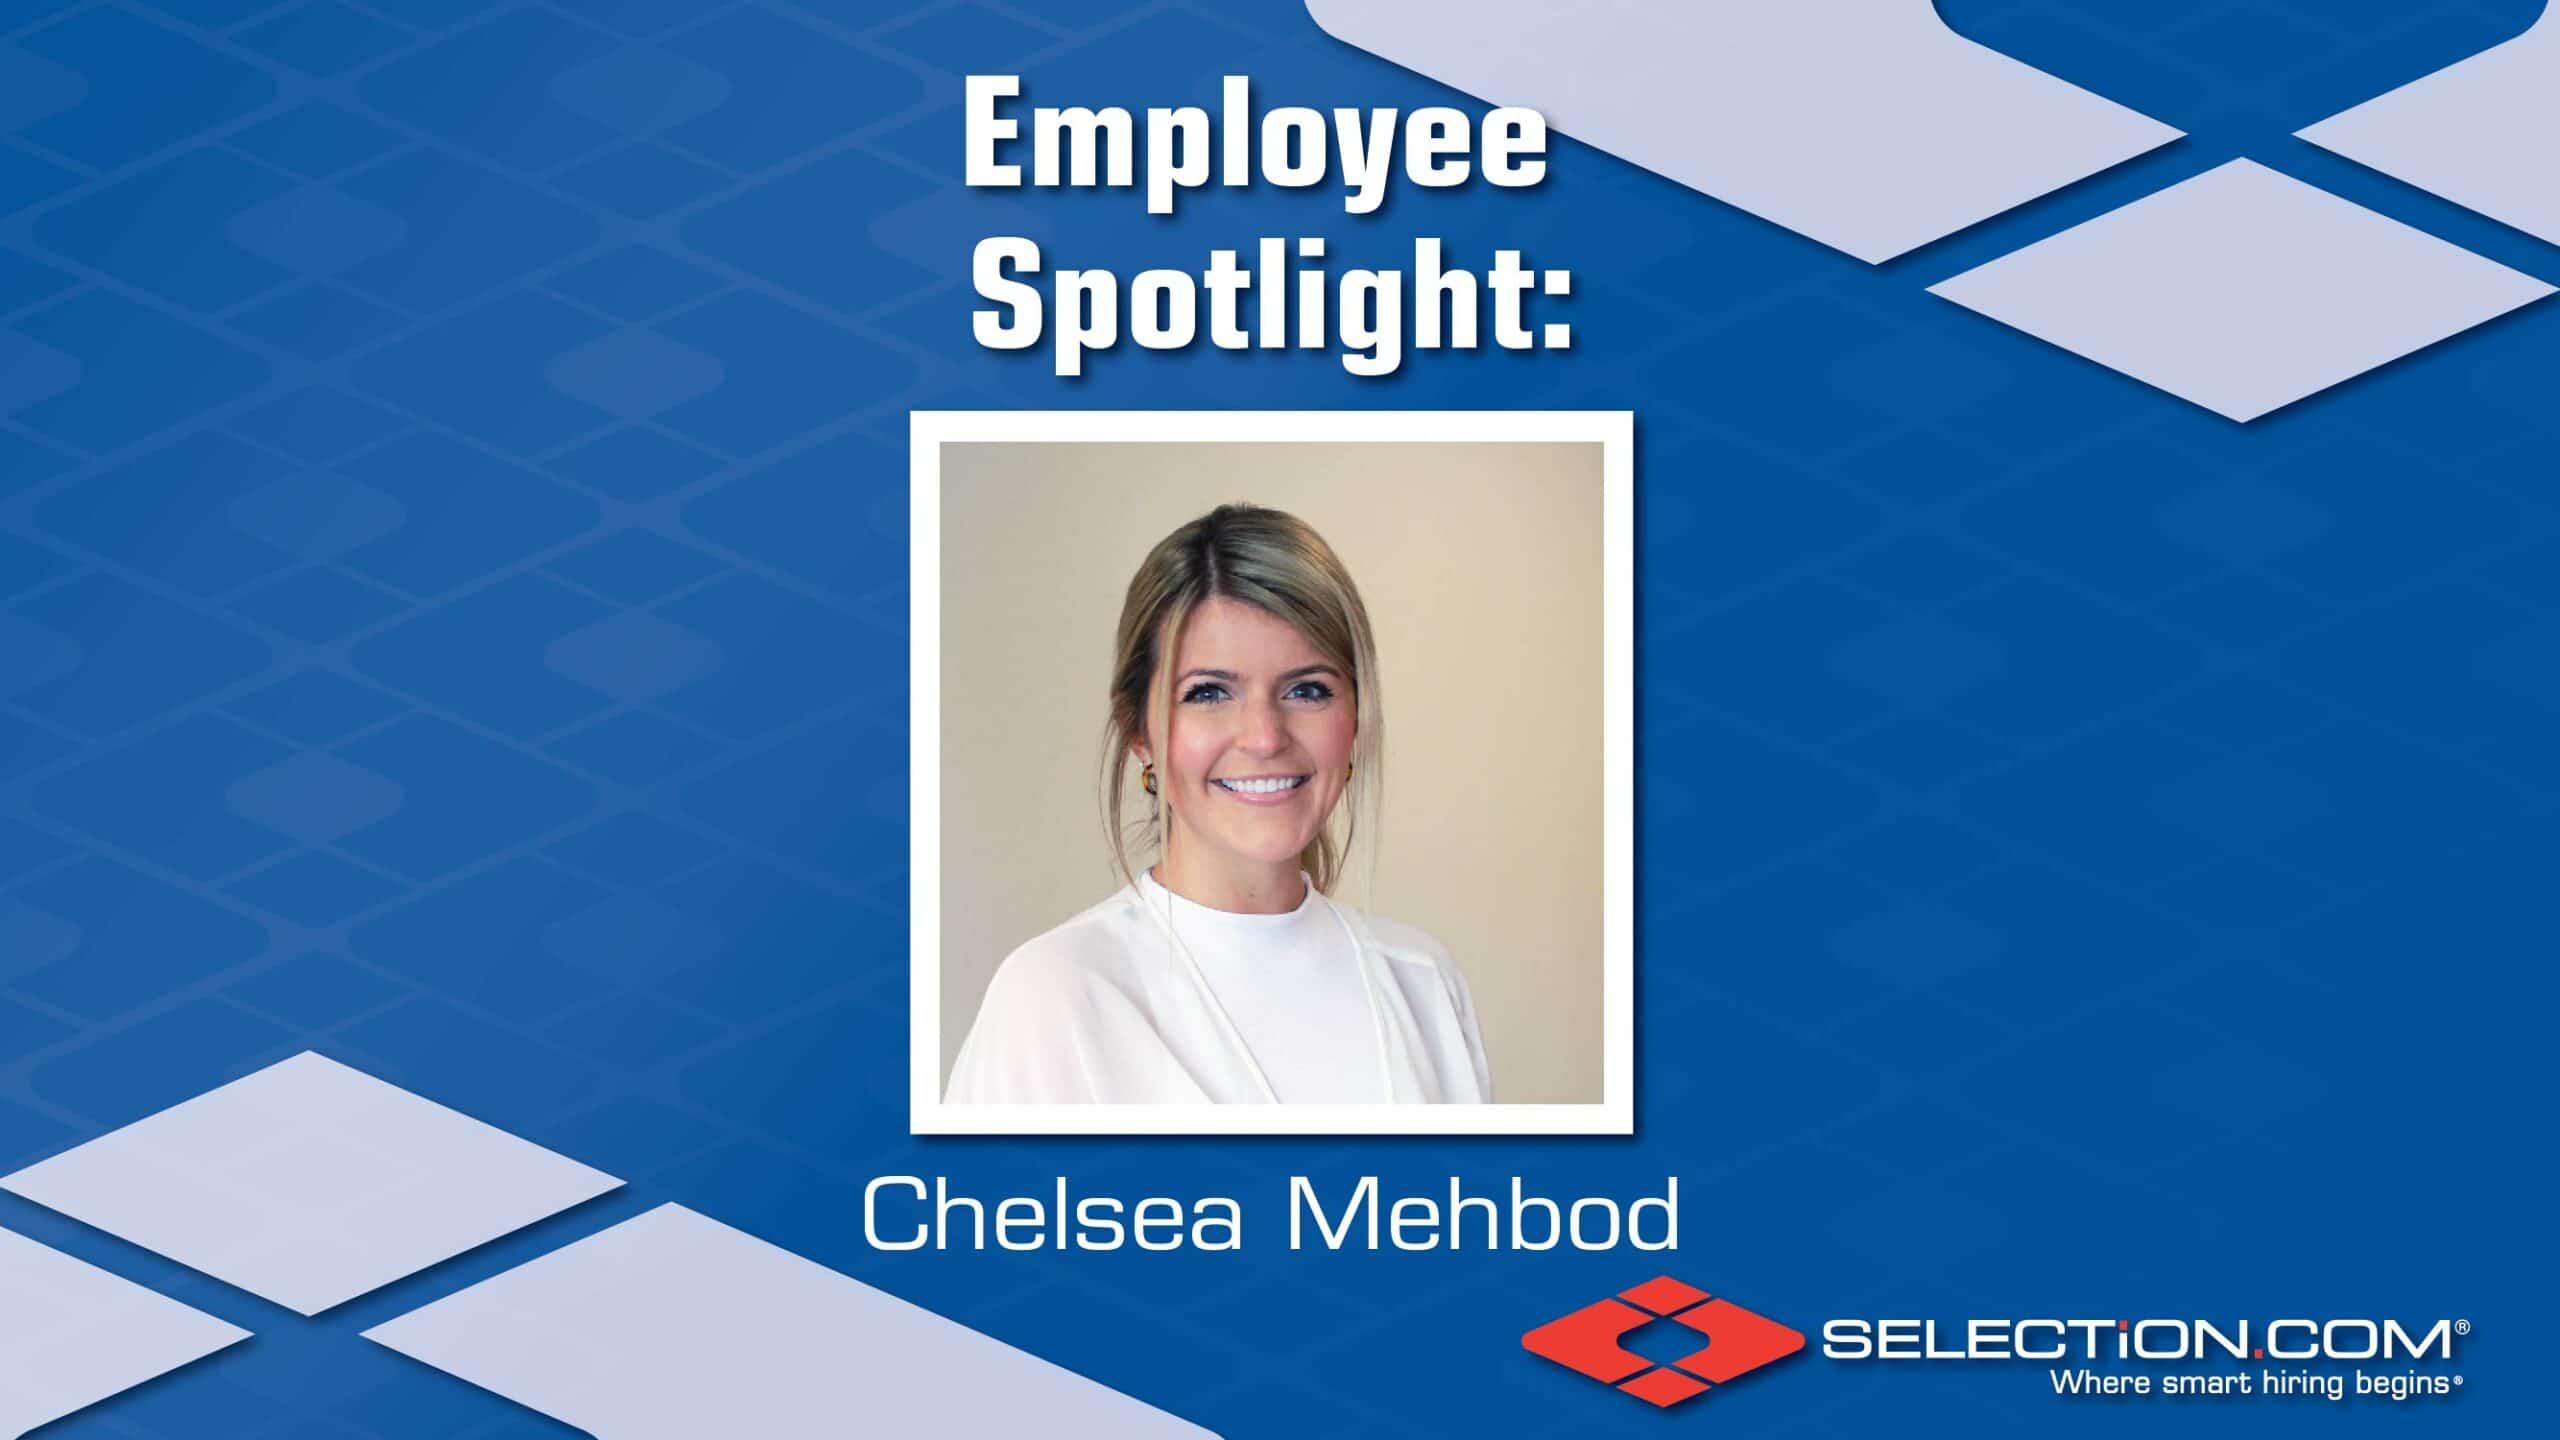 Employee Spotlight: Chelsea Mehbod